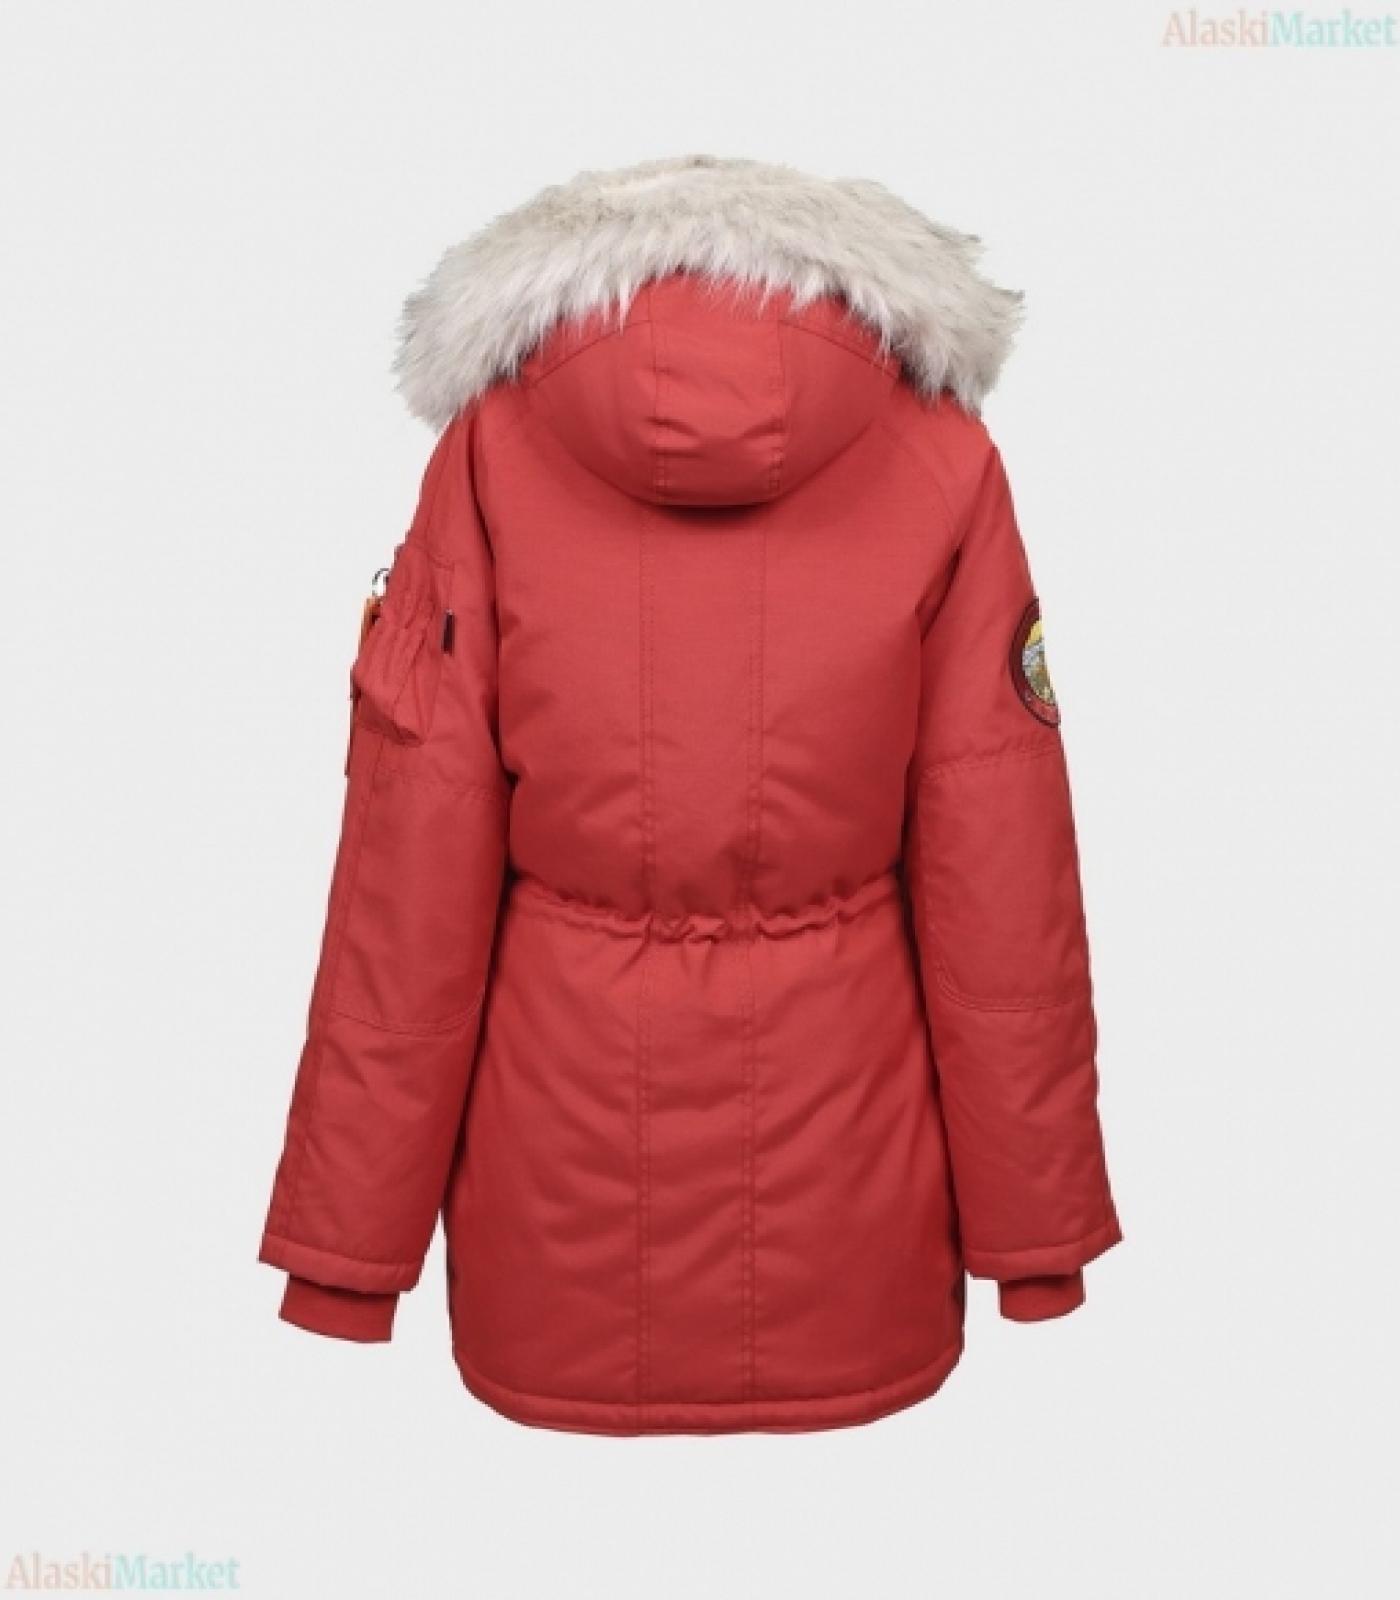 Аляска женская OXFORD SIMPLE RED/WHITE GREY